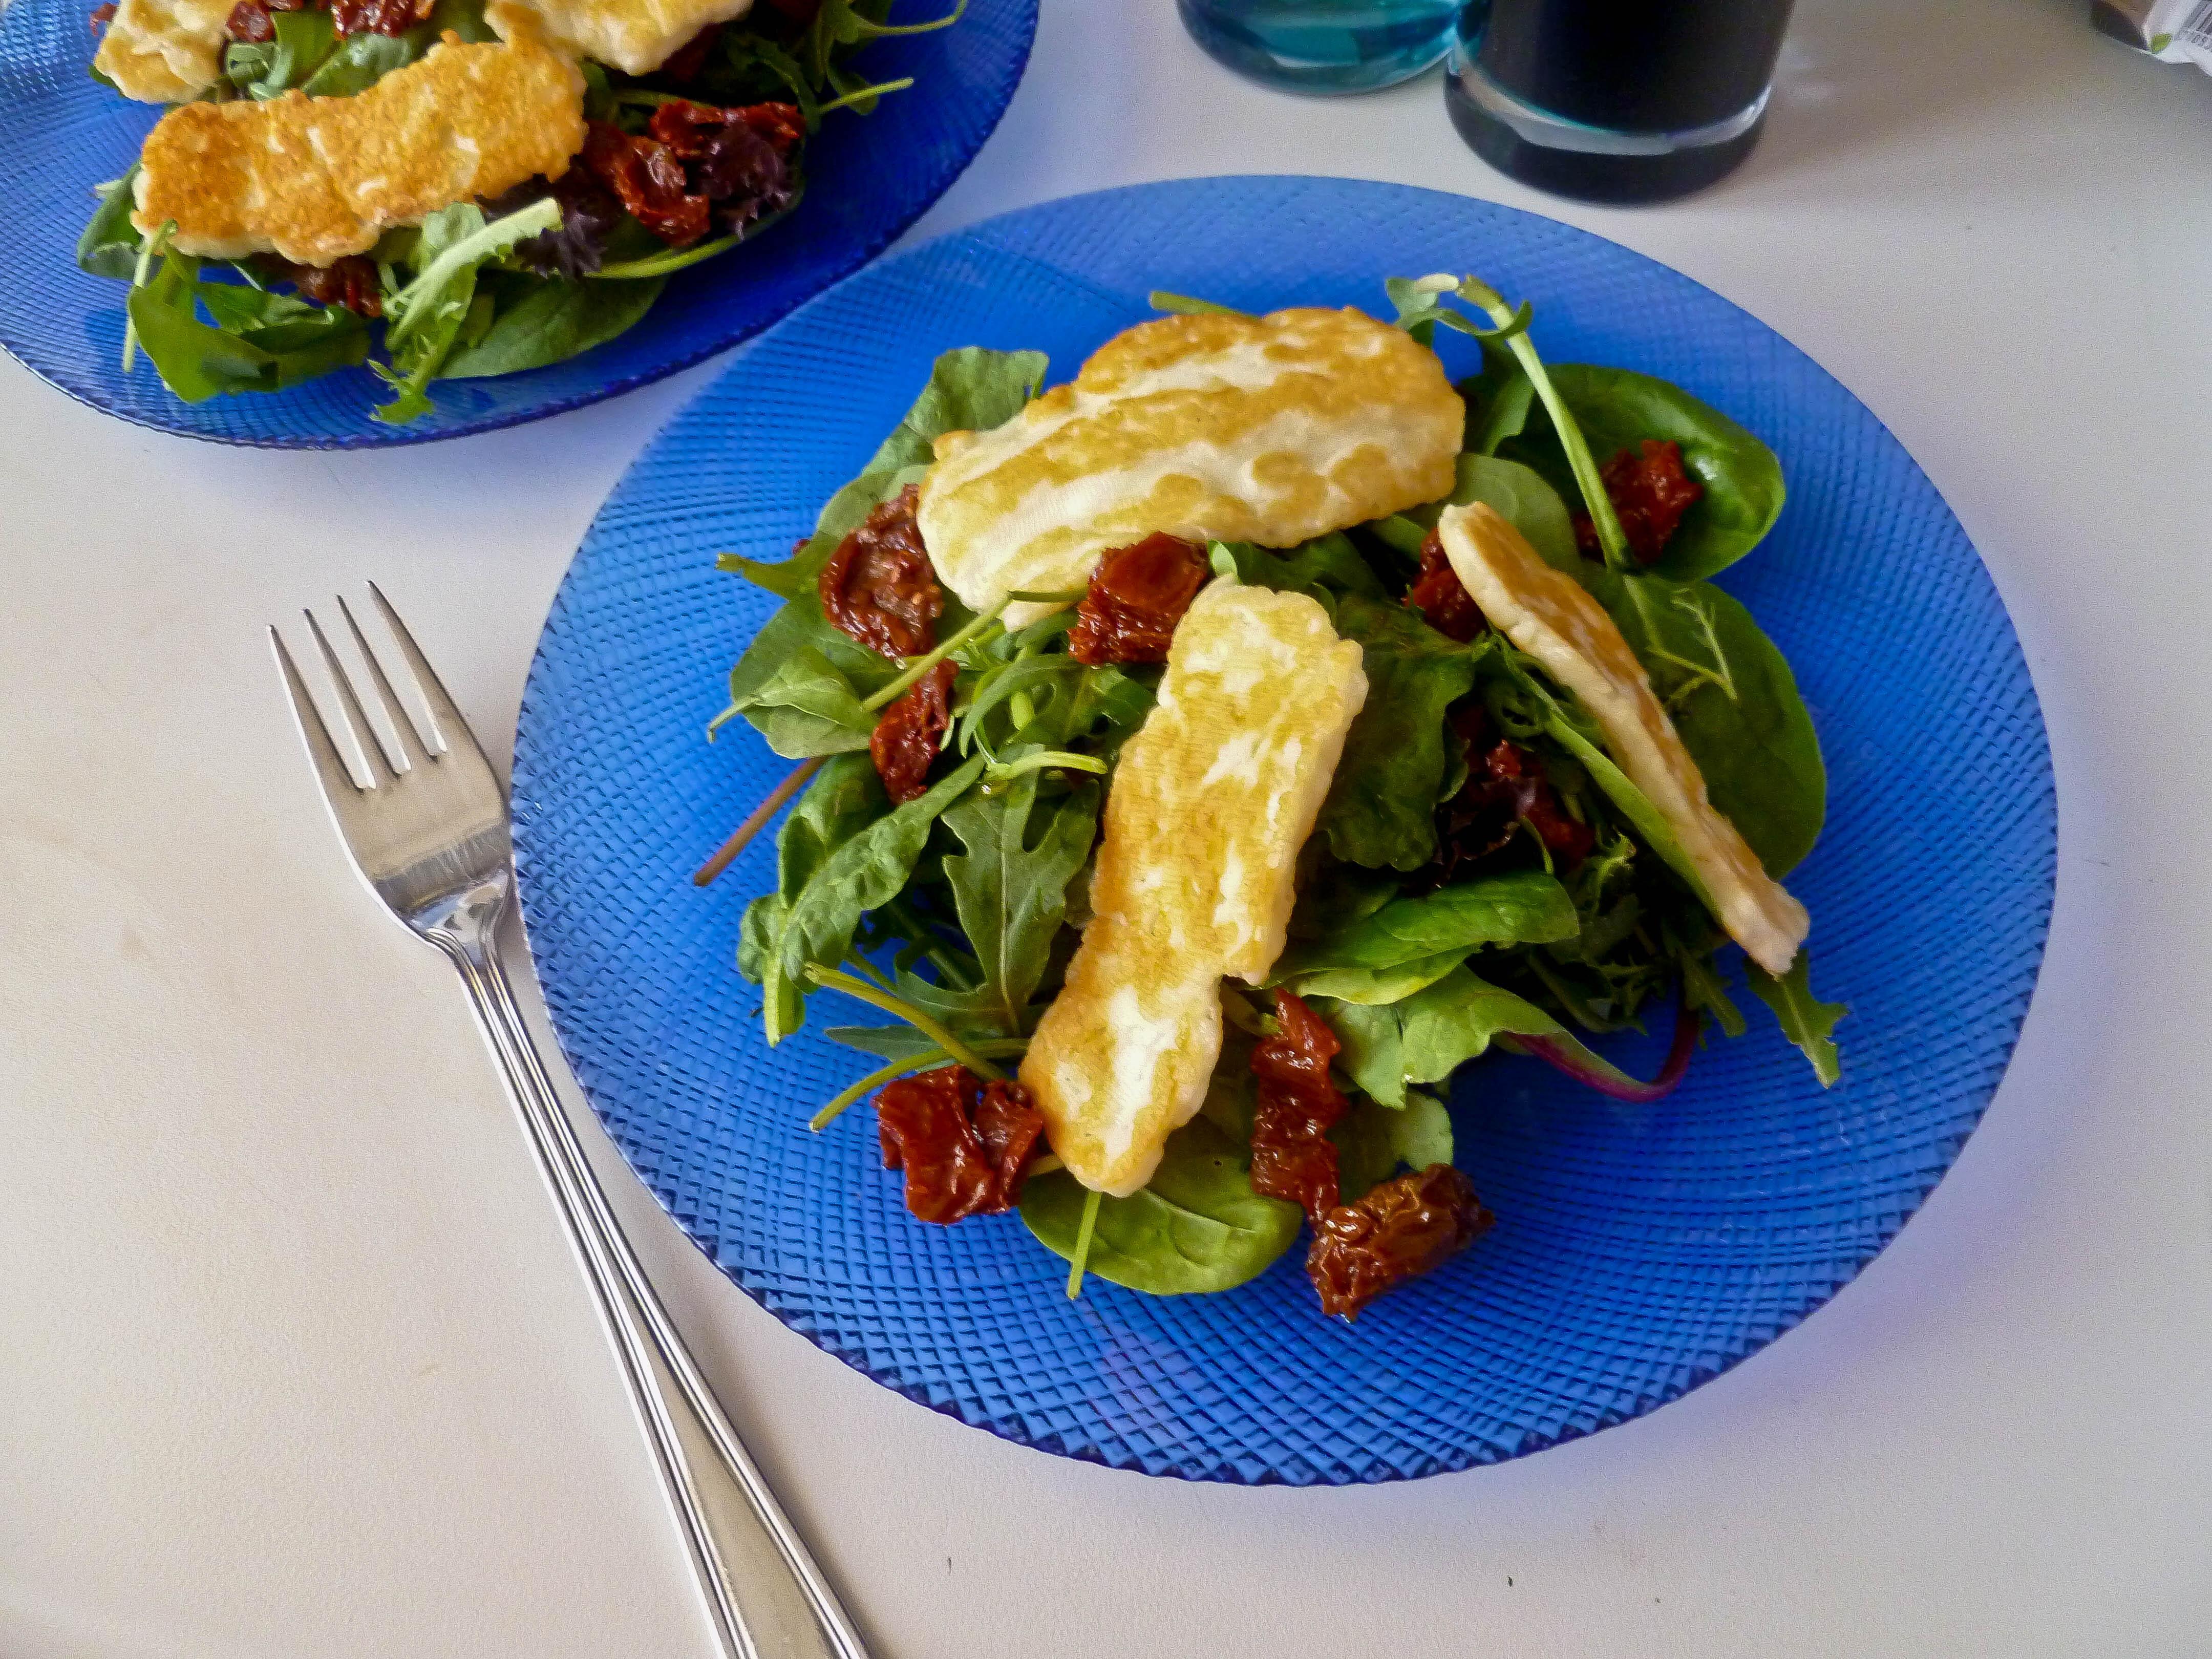 Pan-Fried Halloumi Salad